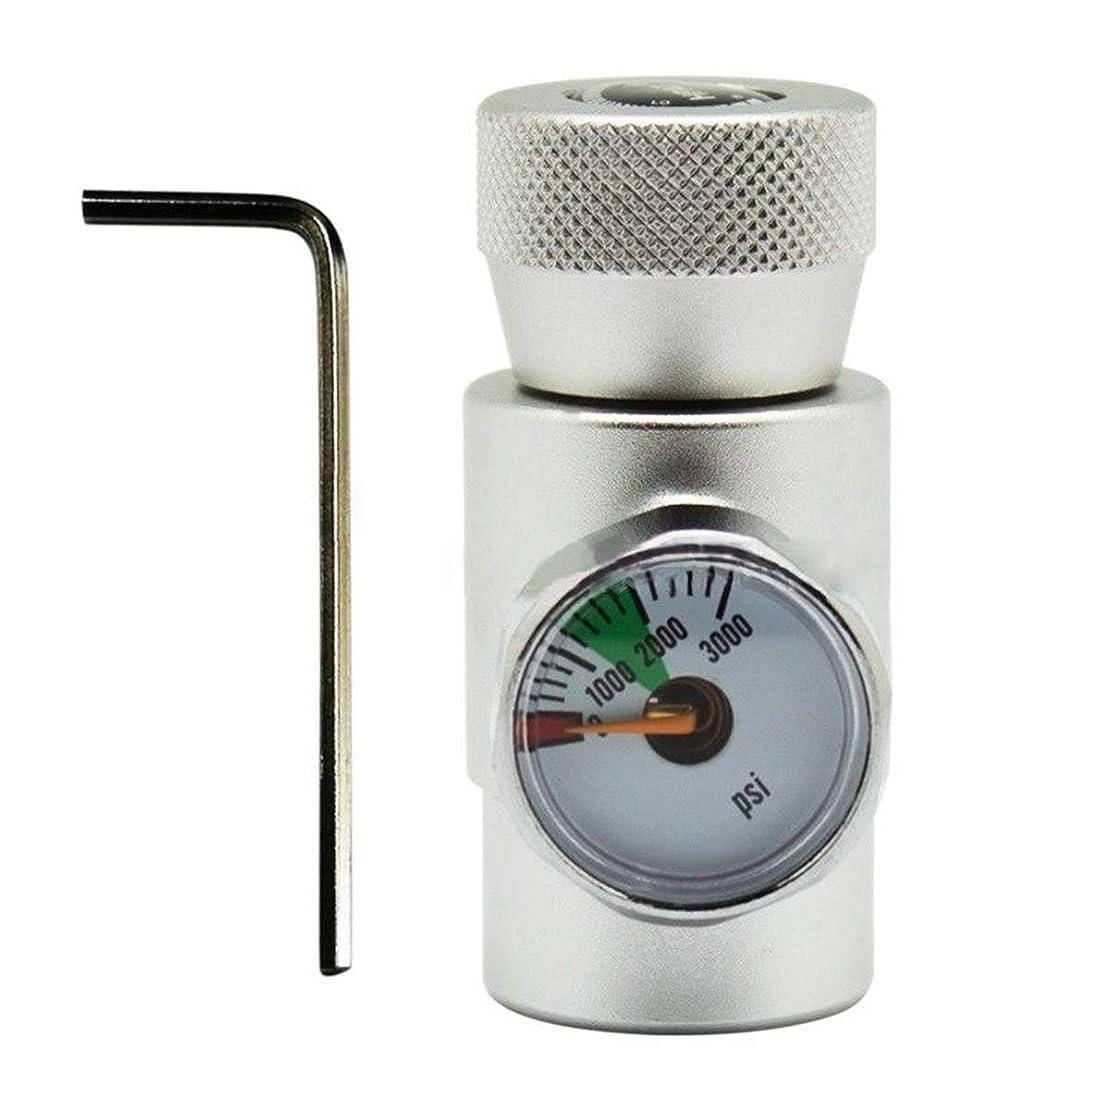 物思いにふけるるかなりQueenwind W 21.8-14 スレッド CO2 ガス充填 Sodastream タンク用アダプターコネクタ